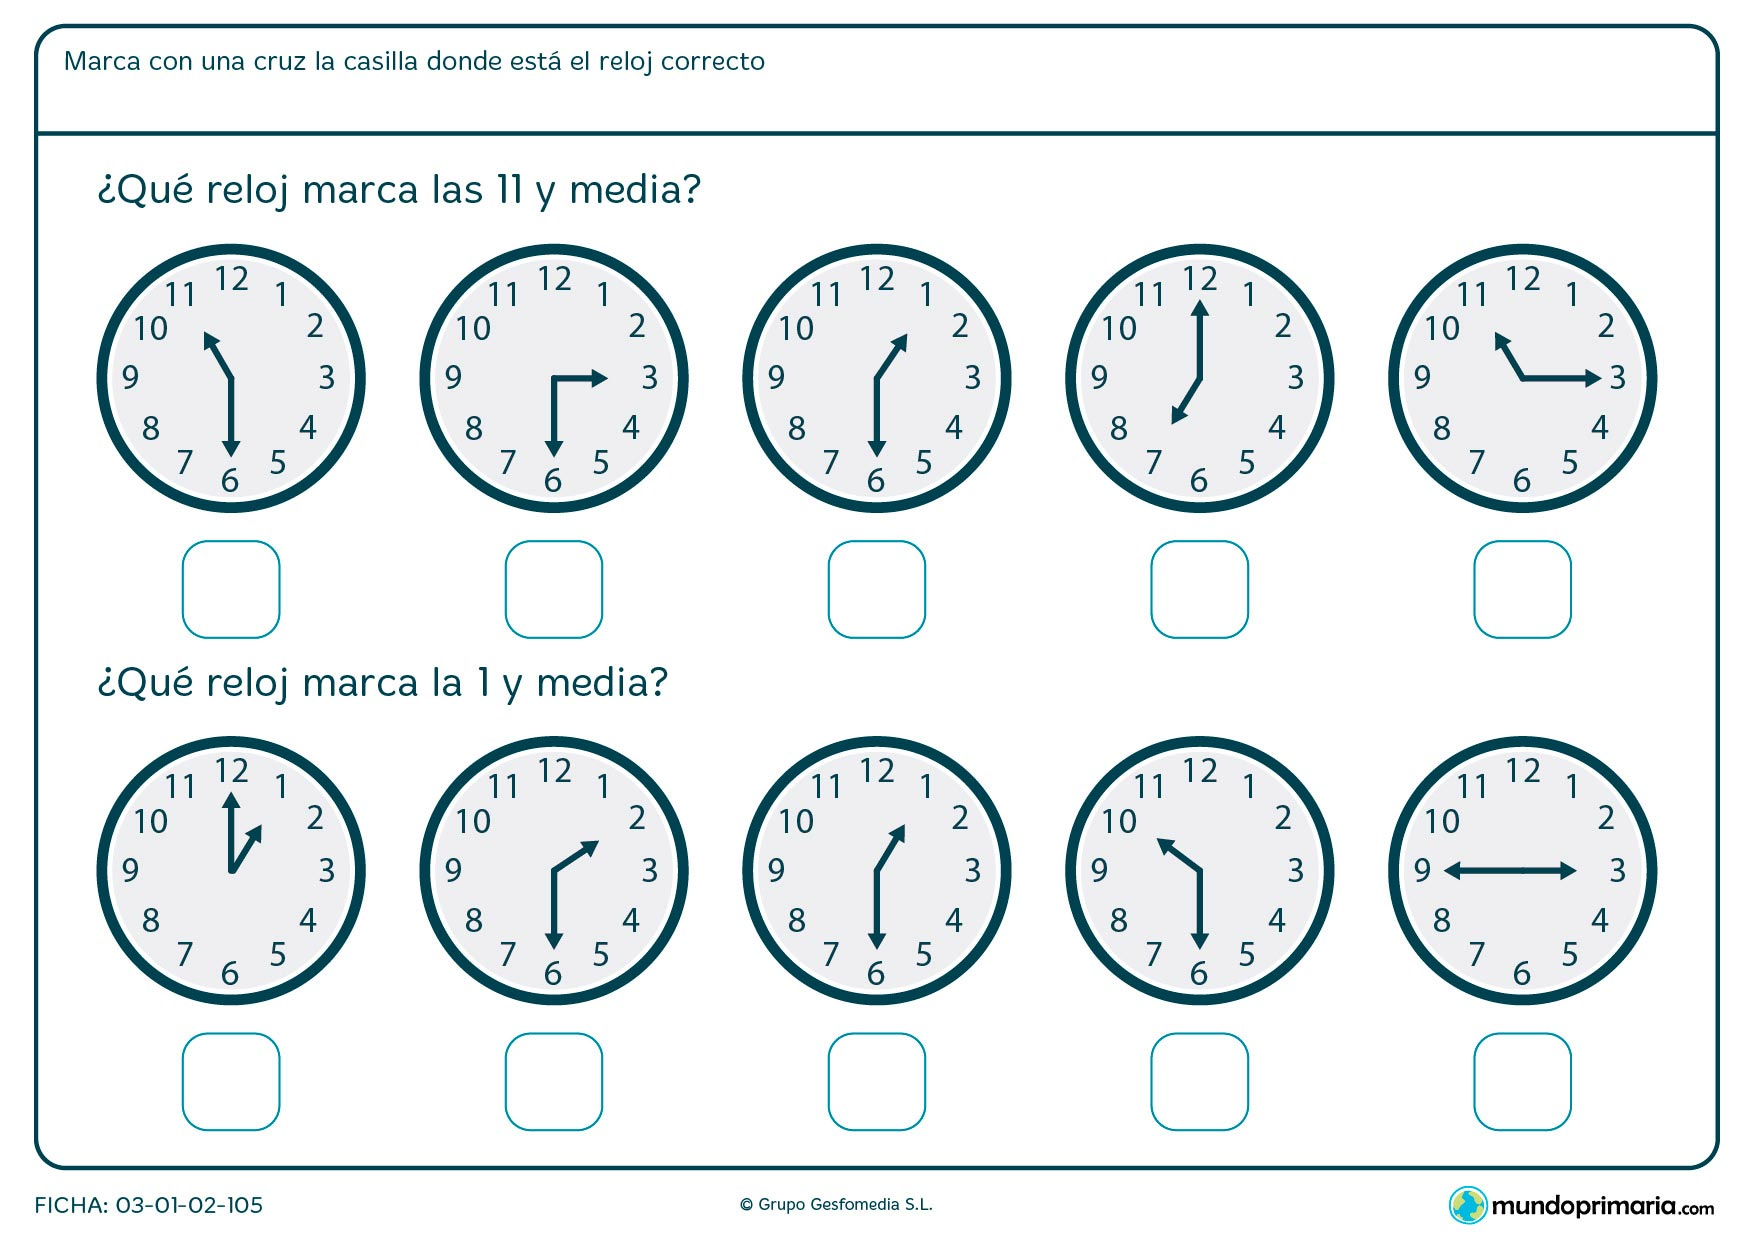 Ficha de medias horas de reloj analógico para decir en qué reloj son las 11 y media y en cuál la 1 y media.